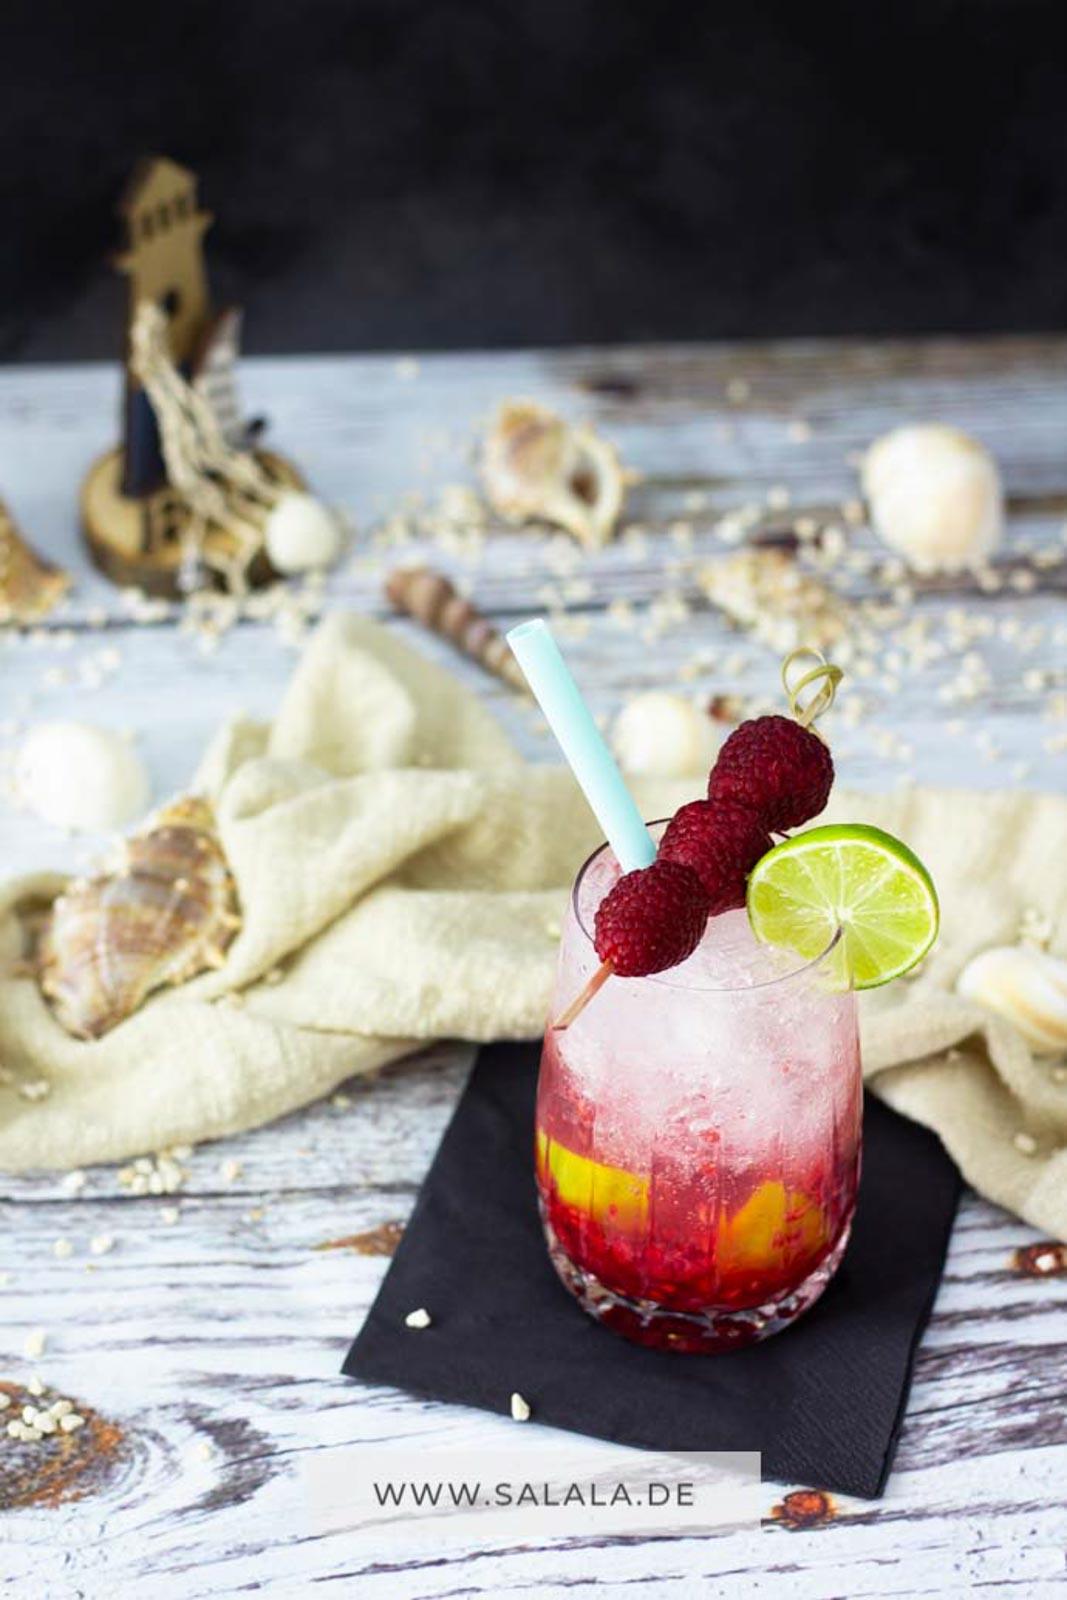 Sommer, Sonne, Strand, Cocktails. Klingt nach Urlaub. Und weißt du was? Das gibt's jetzt auch zuckerfrei. Genau, zuckerfreie Cocktails. Also total Low Carb und zum Teil auch Keto. Wie wär's denn mit einem leckeren Raspberry Kiss? Also Himbeere mit Limette und crushed ice. Total lecker. Das musst du nachmachen. #cocktail #lowcarb #lowcarbgetränke #zuckerfrei #zuckerfreiecocktails #lowcarbcocktail